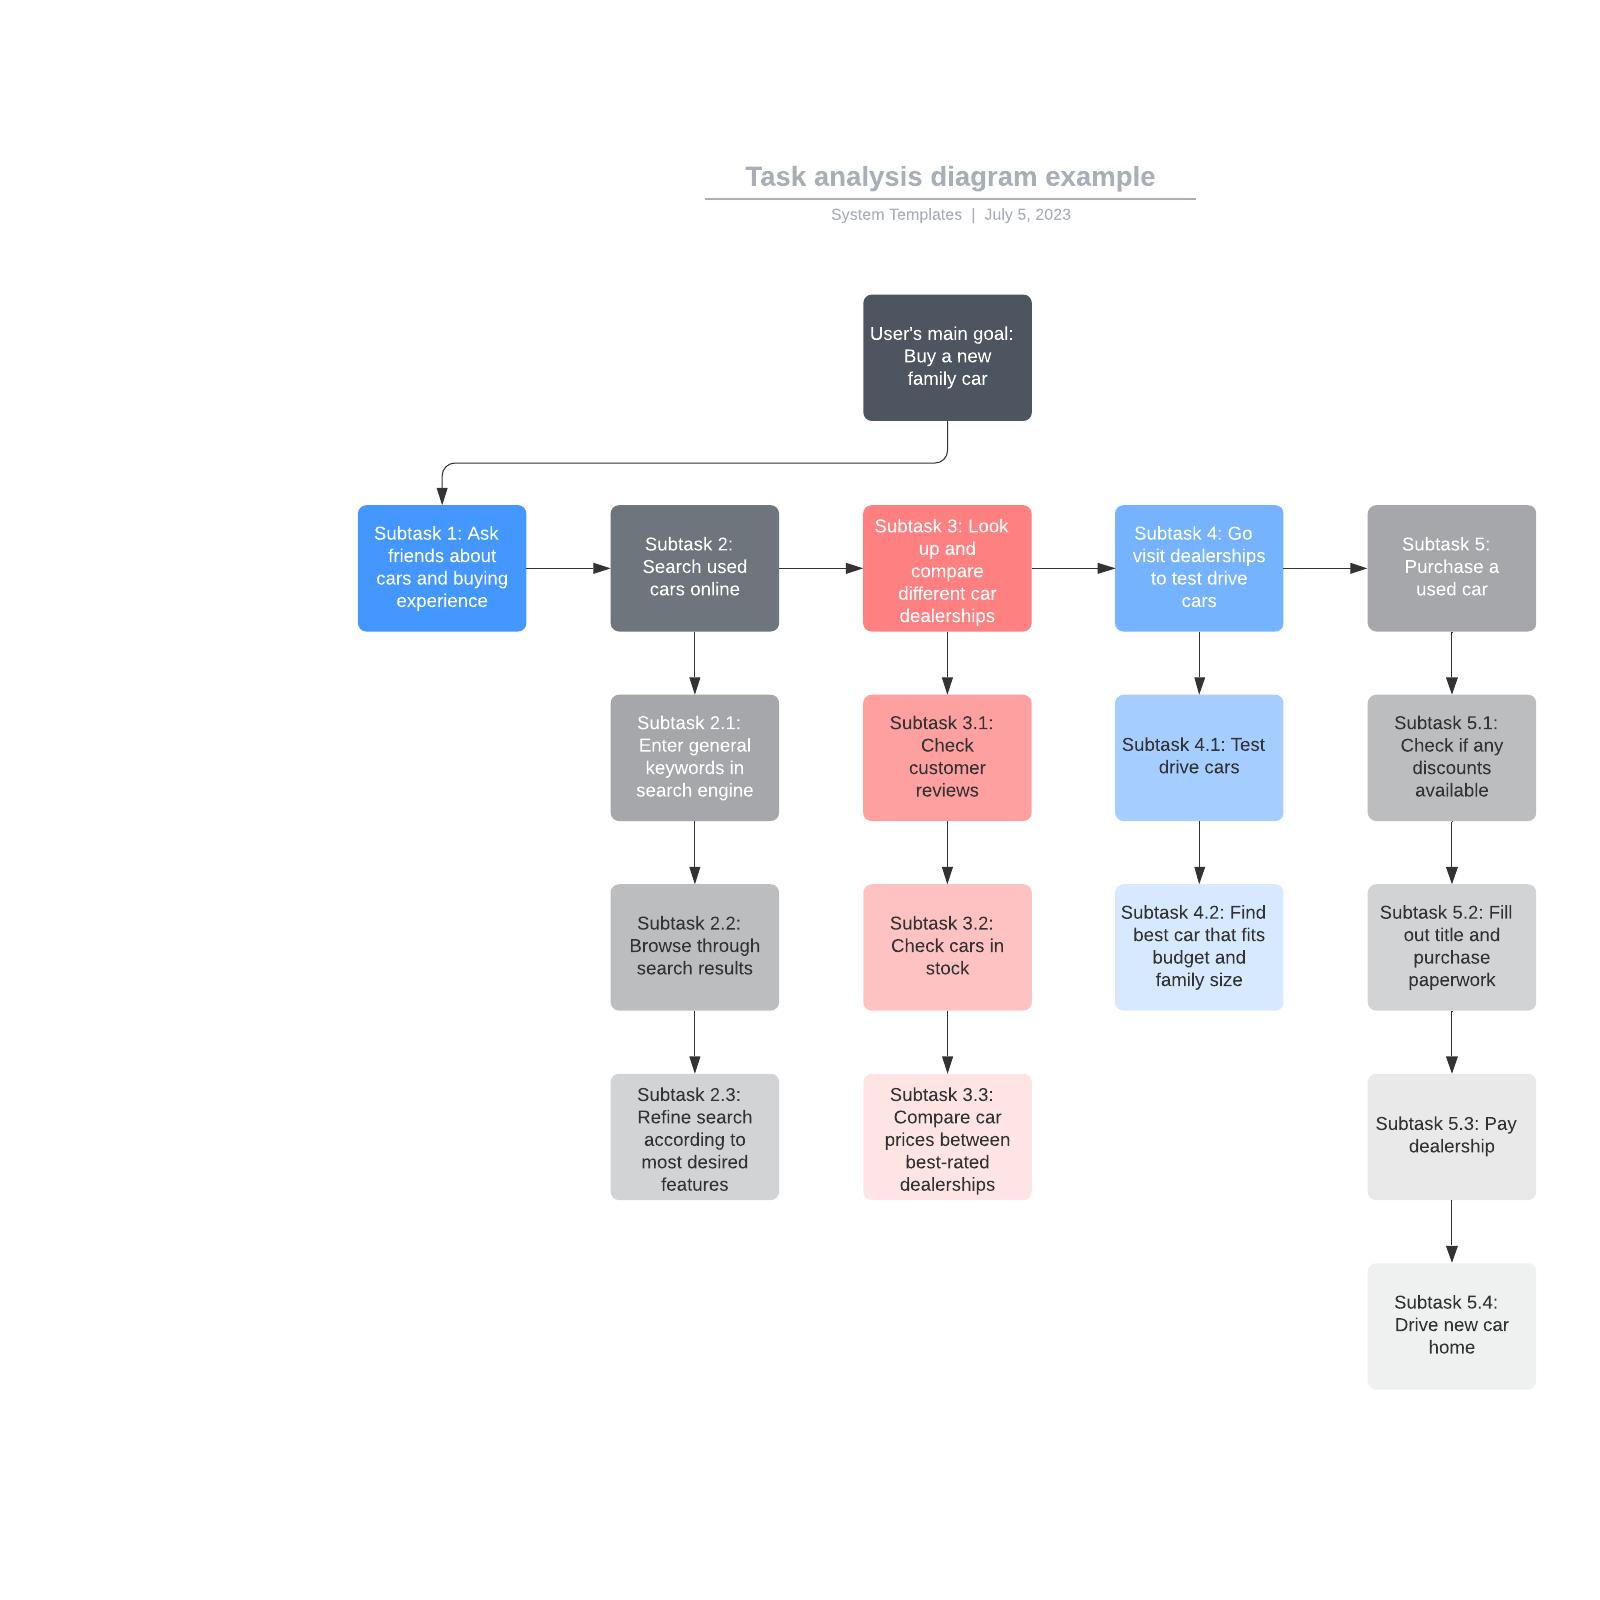 Task analysis diagram example